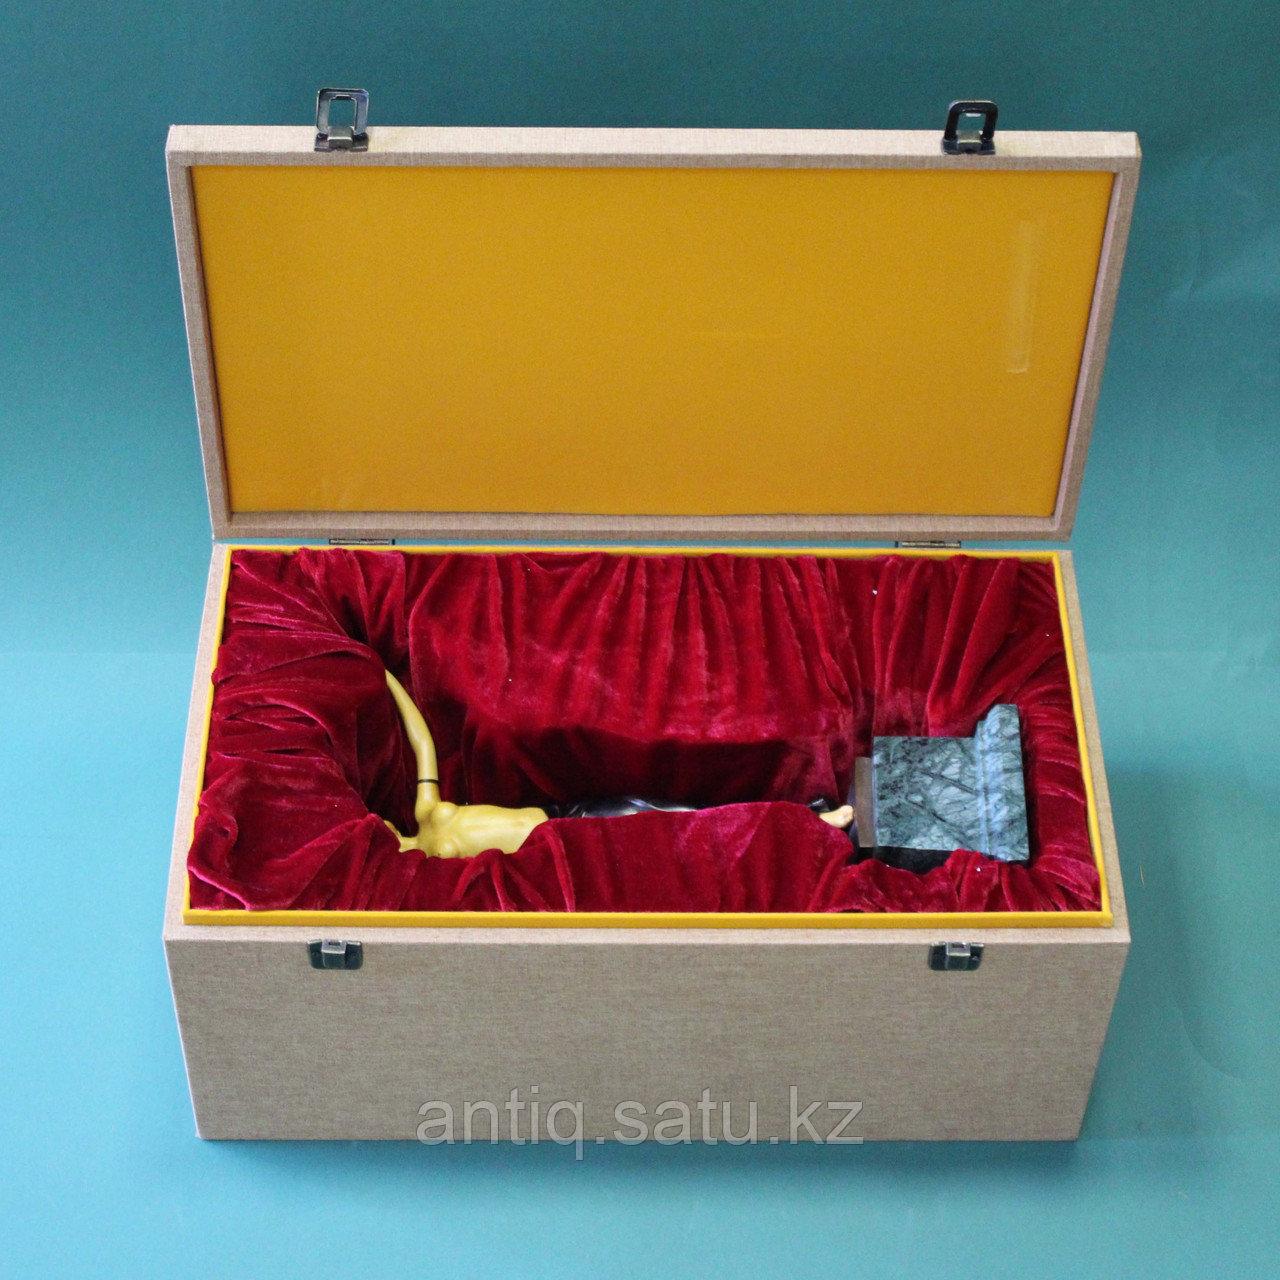 Танцовщица. По модели всемирно известного французского скульптора Ferdinand Preiss (1882-1943) - фото 2